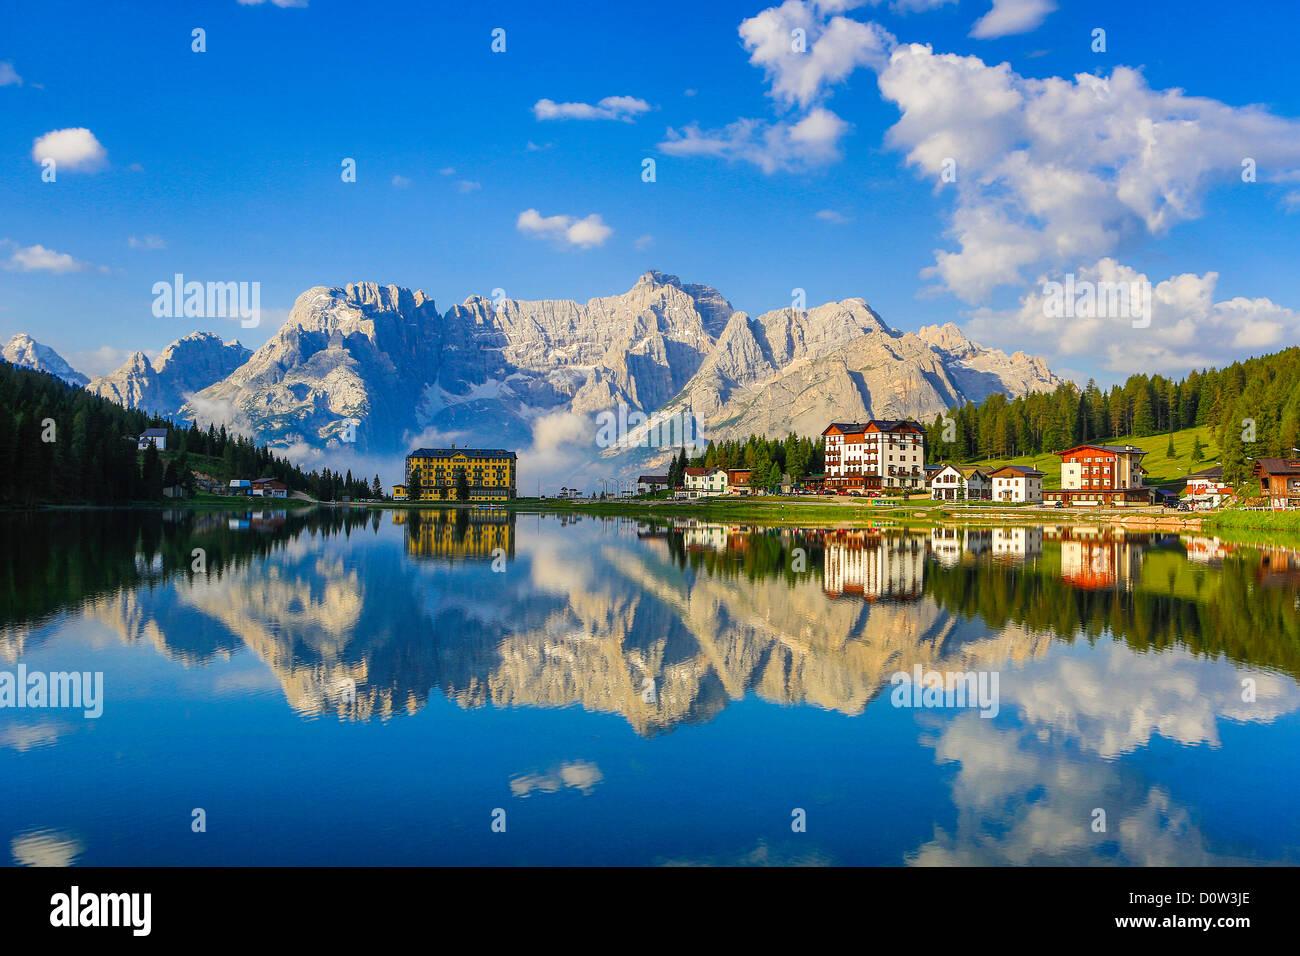 L'Italie, l'Europe, voyage, dolomite, Alpes, Missurina, Lac, pédalo, nuages, montagnes, colorés, Photo Stock